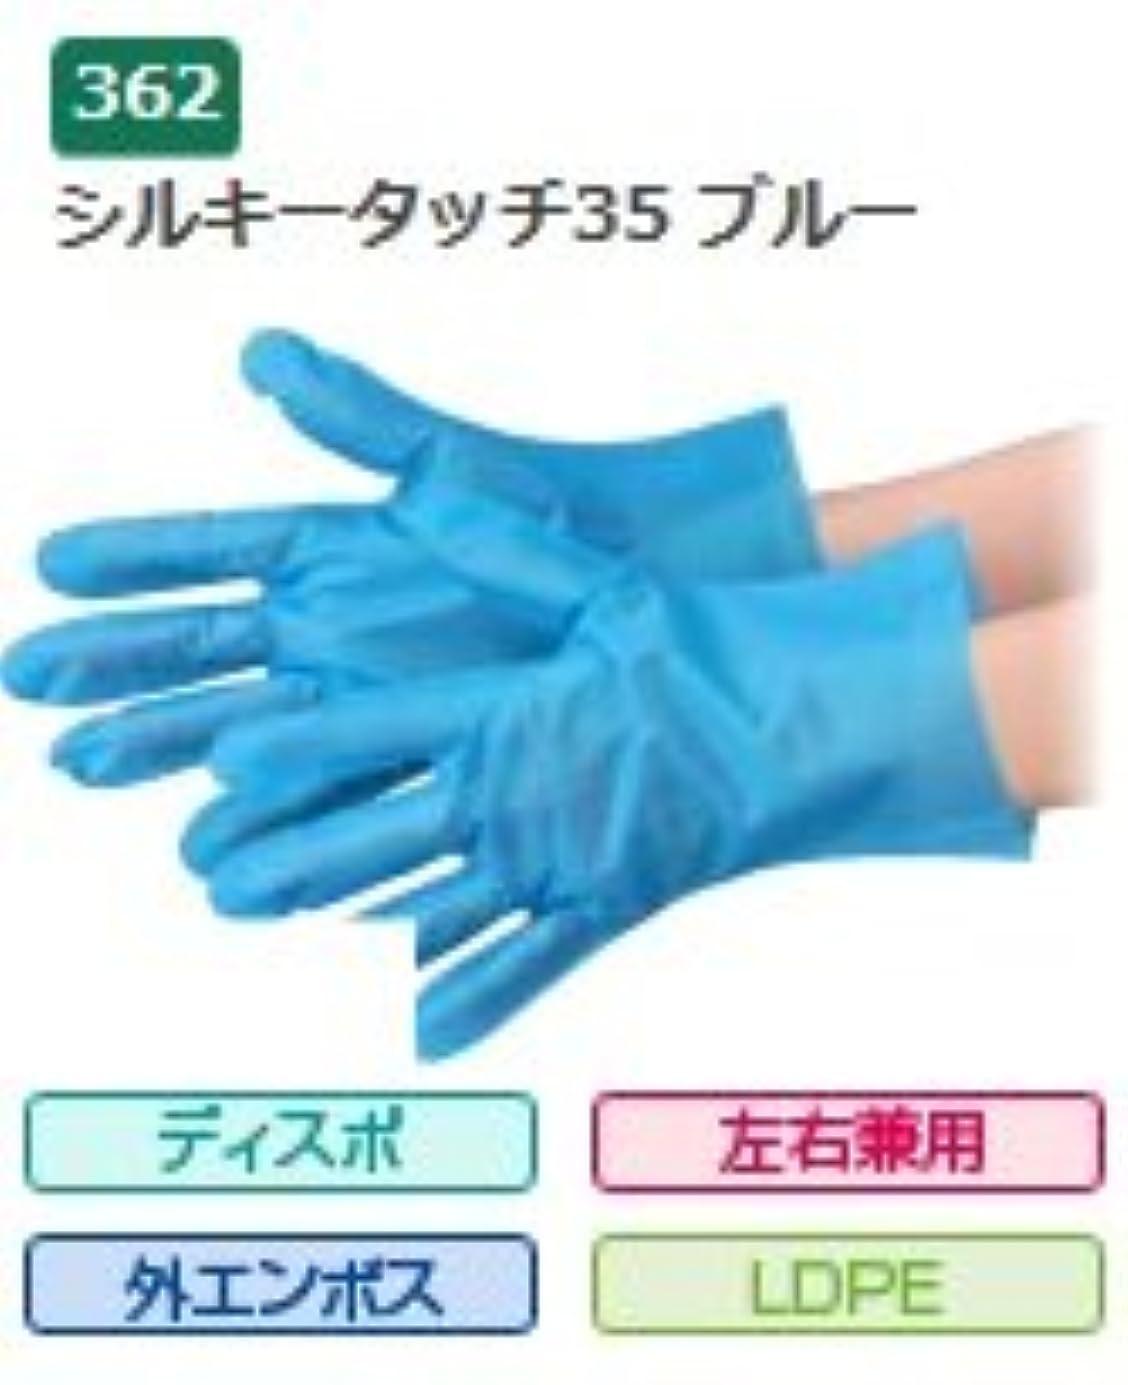 エブノ ポリエチレン手袋 No.362 LL 青 (100枚×50袋) シルキータッチ35 ブルー 袋入